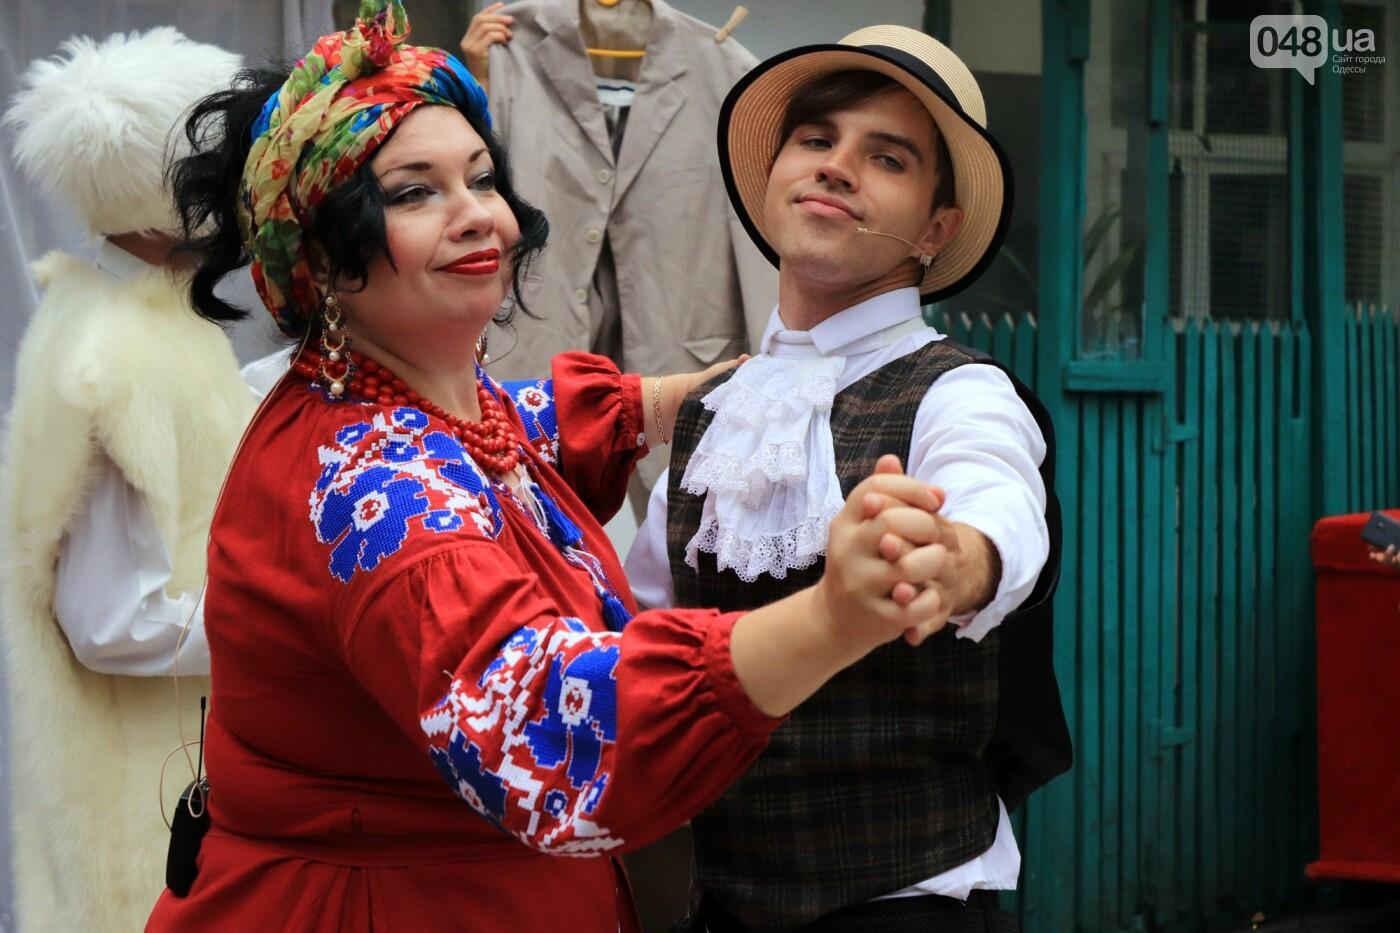 Одесситы гуляли день рождения Мамы в День города, - ФОТОРЕПОРТАЖ, ВИДЕО  , фото-6